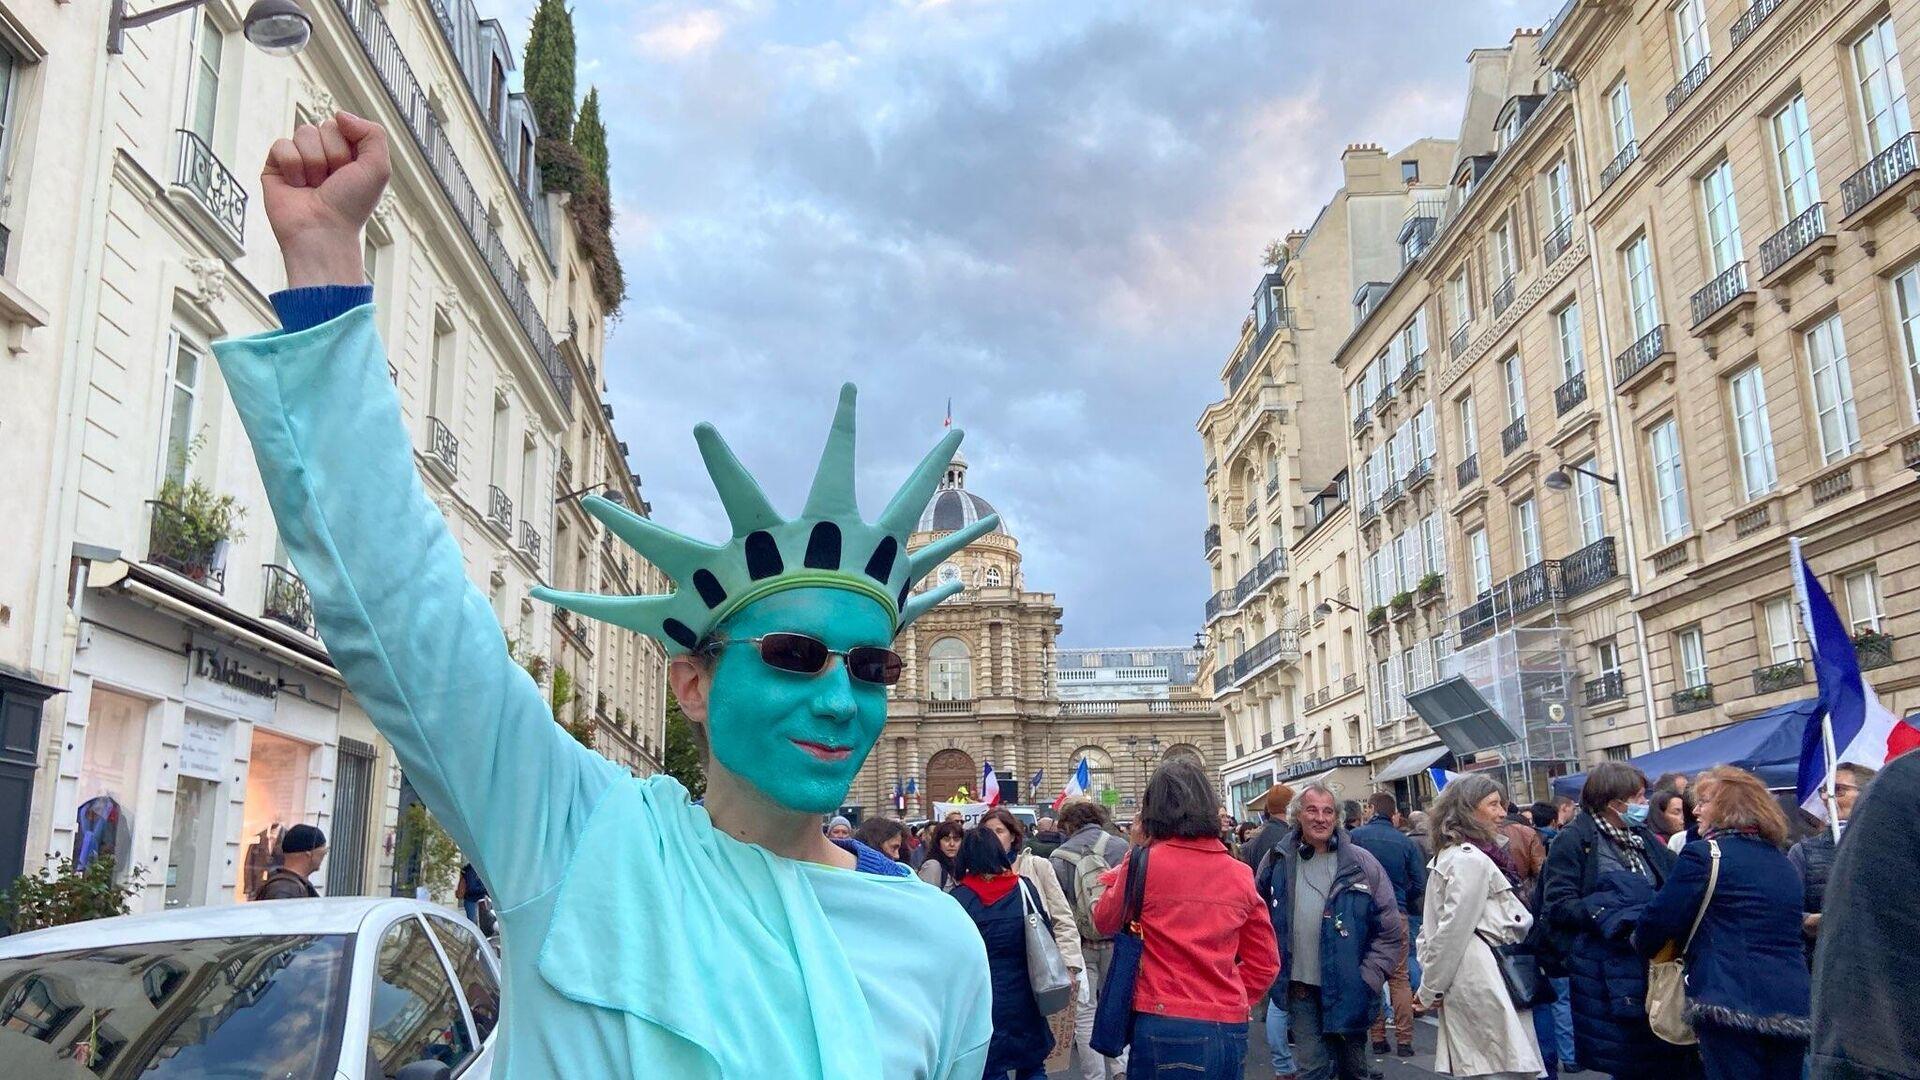 Manifestation devant le Sénat contre la vaccination obligatoire, 12 octobre 2021 - Sputnik France, 1920, 12.10.2021